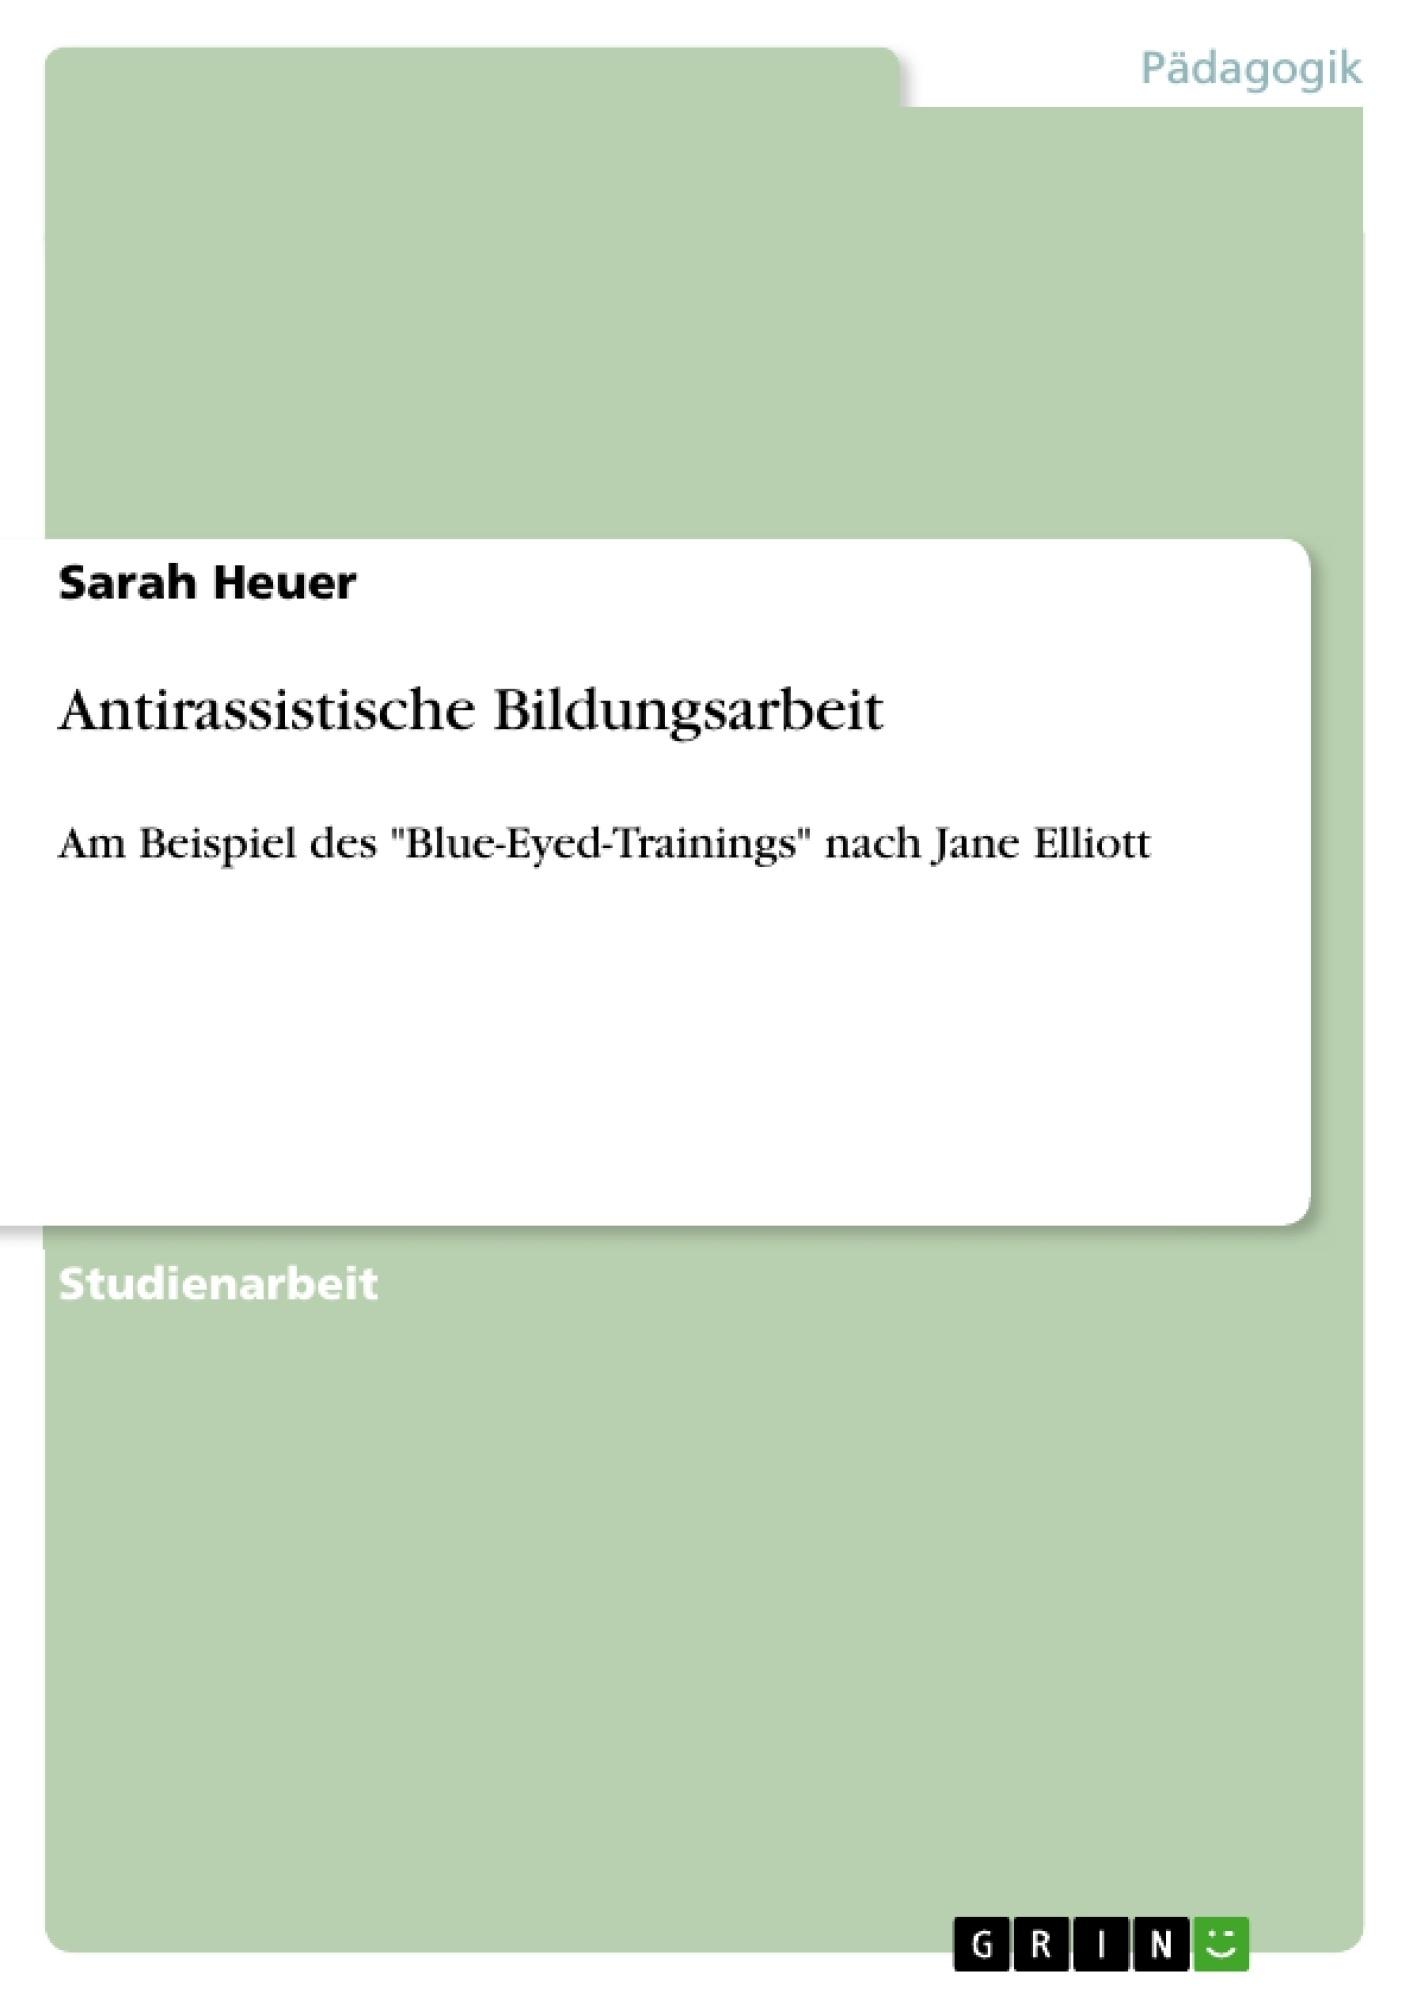 Titel: Antirassistische Bildungsarbeit